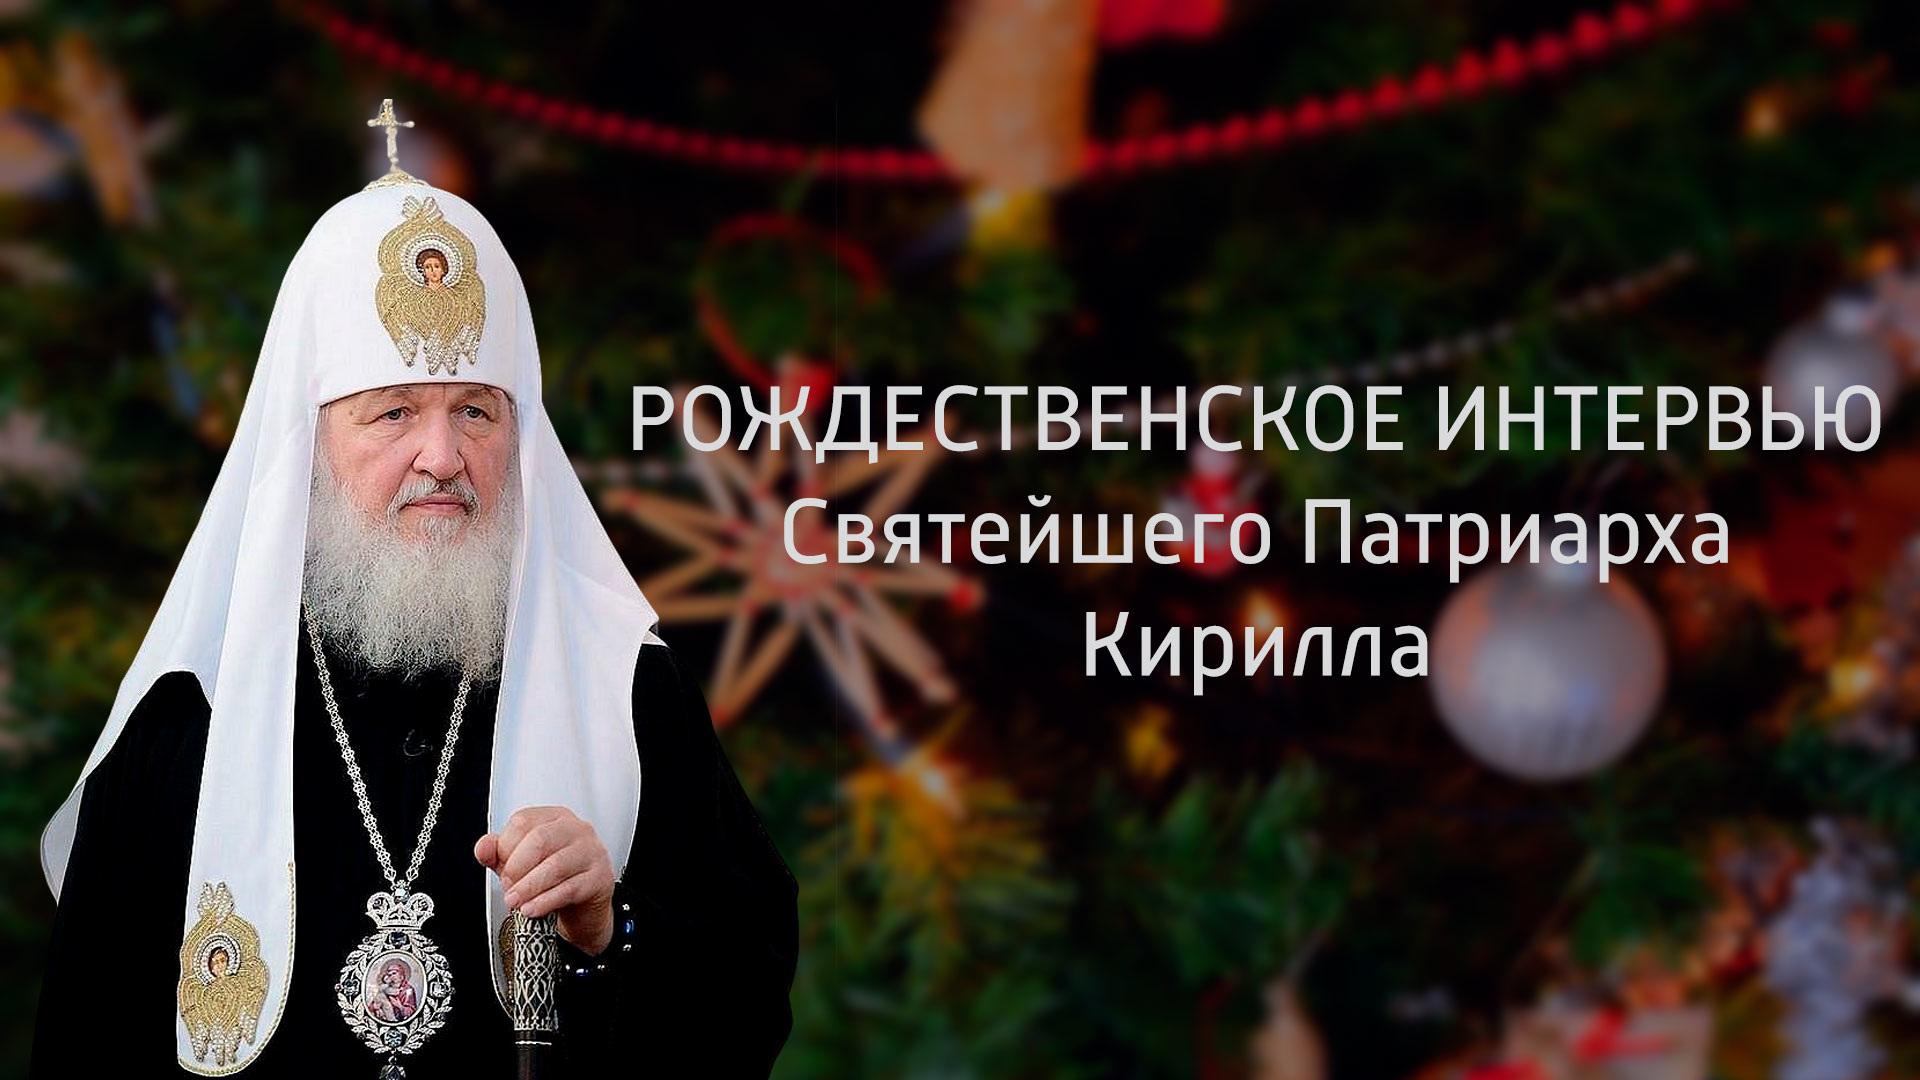 Рождественское интервью Святейшего Патриарха Кирилла